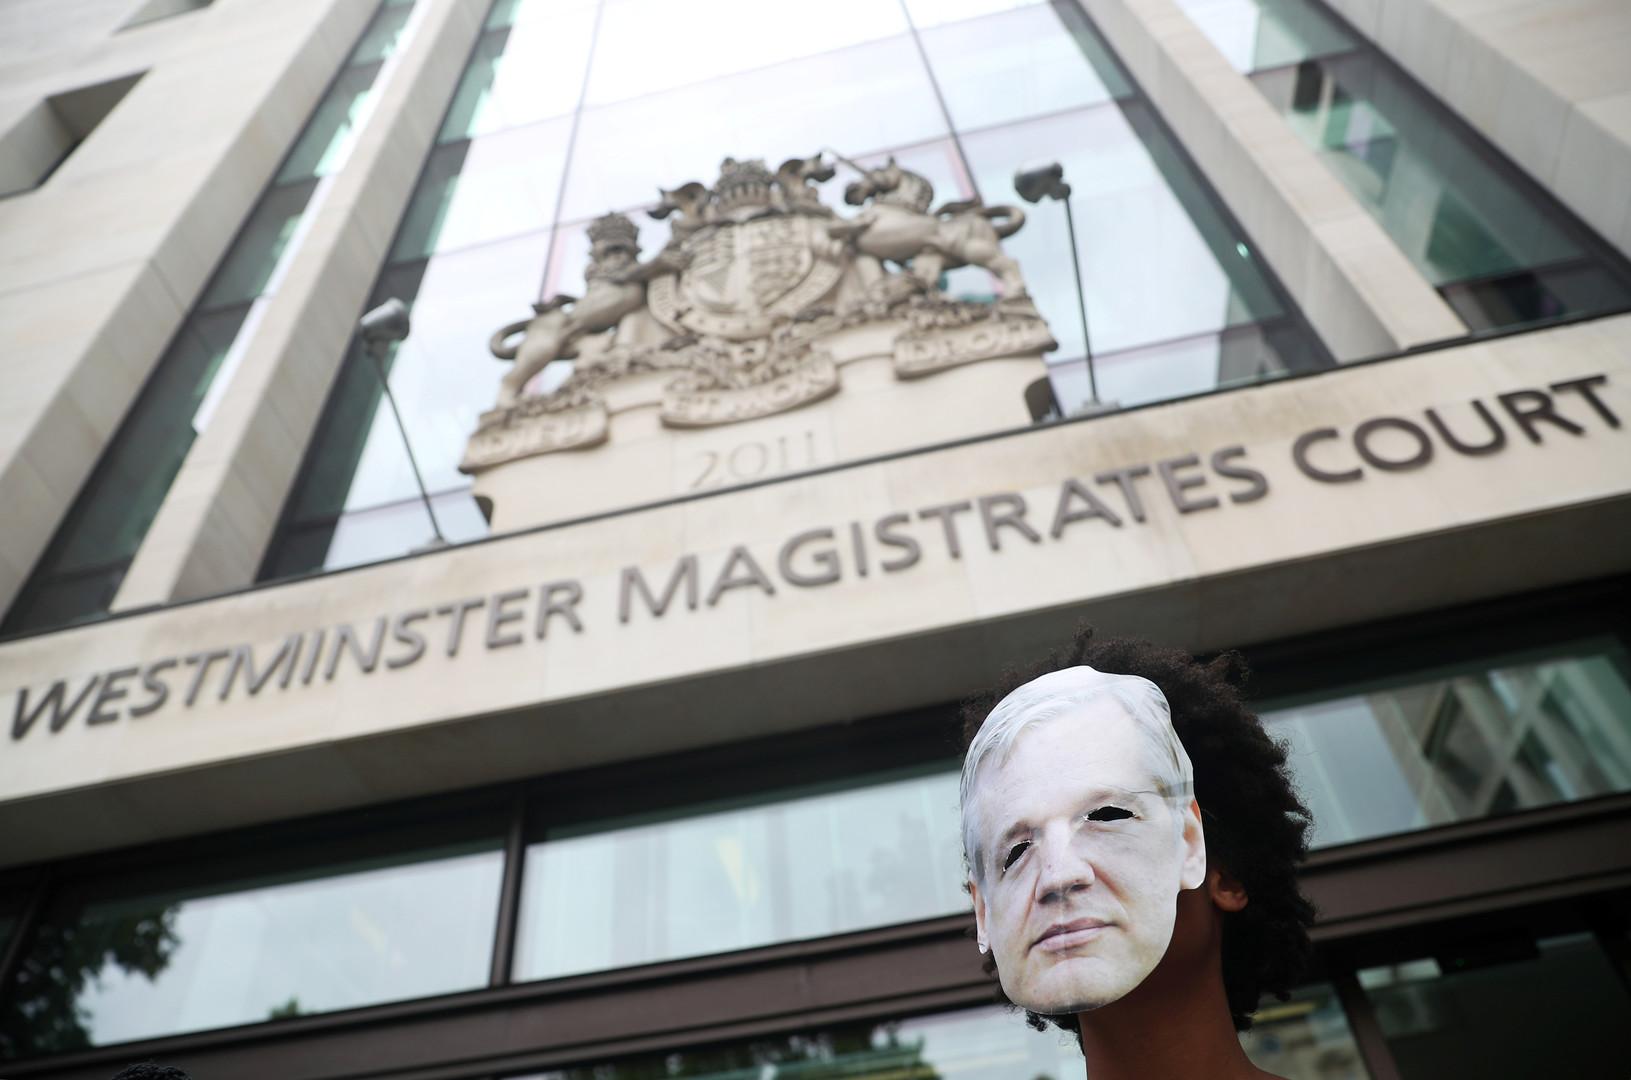 القضاء البريطاني يؤجل النظر في إمكانية تسليم أسانج للولايات المتحدة حتى فبراير